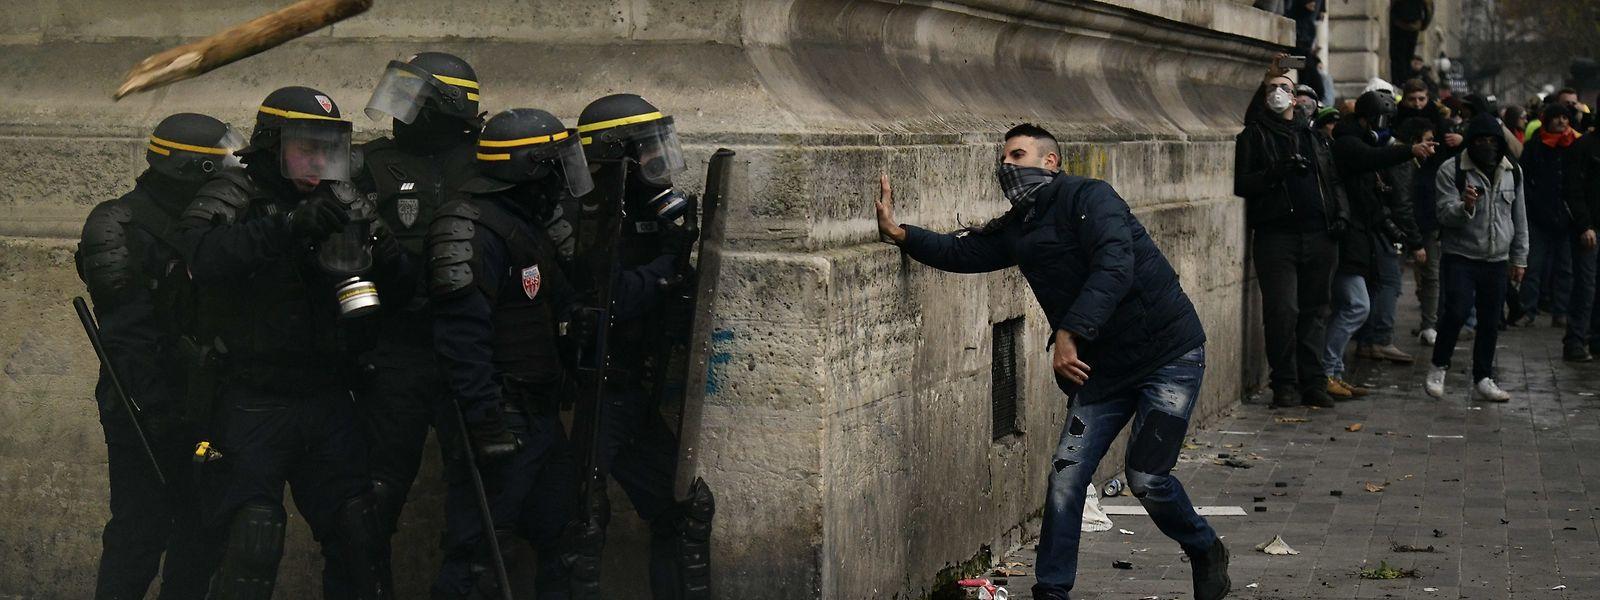 Polizisten stoßen mit Demonstranten zusammen. Bei den Demonstrationen gegen die geplante Rentenreform in Frankreich ist es zu Ausschreitungen gekommen. Zahlreiche Gewerkschaften hatten im Konflikt um die geplante Rentenreform zu den branchenübergreifenden Streiks aufgerufen.